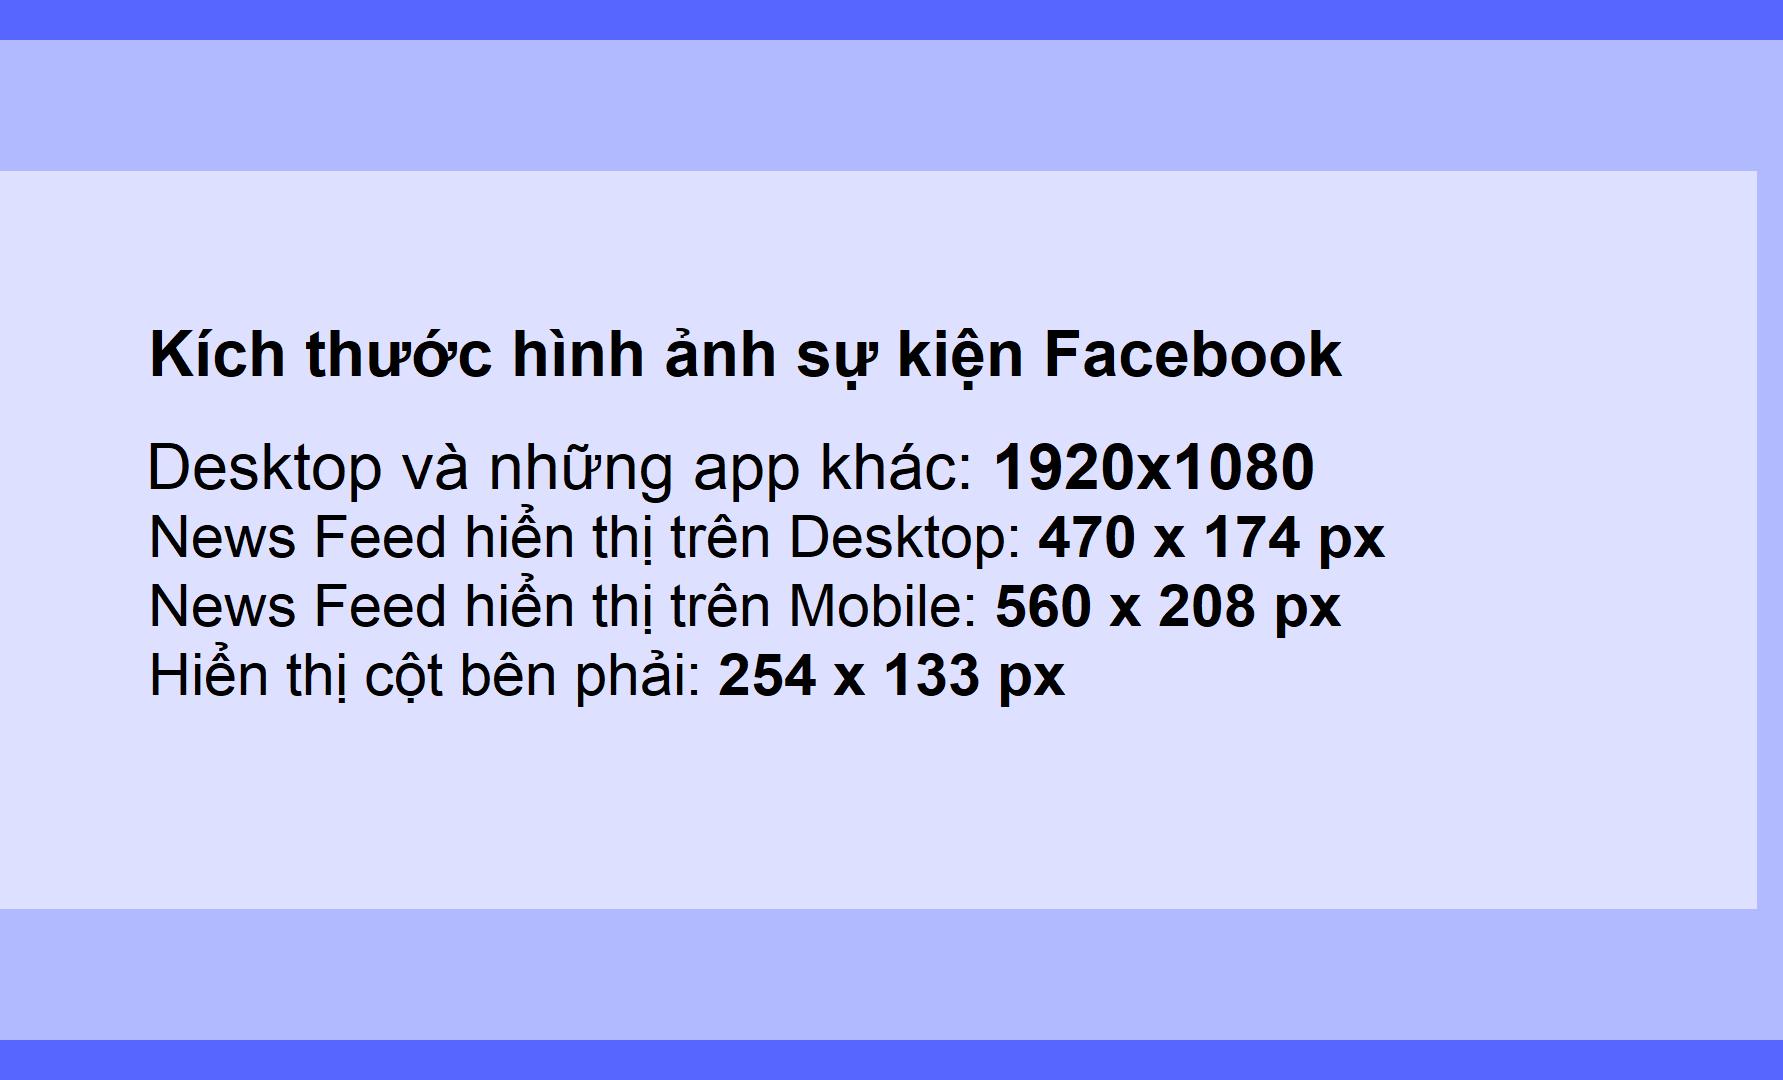 Kích thước hình ảnh cá nhân và quảng cáo facebook hình 8